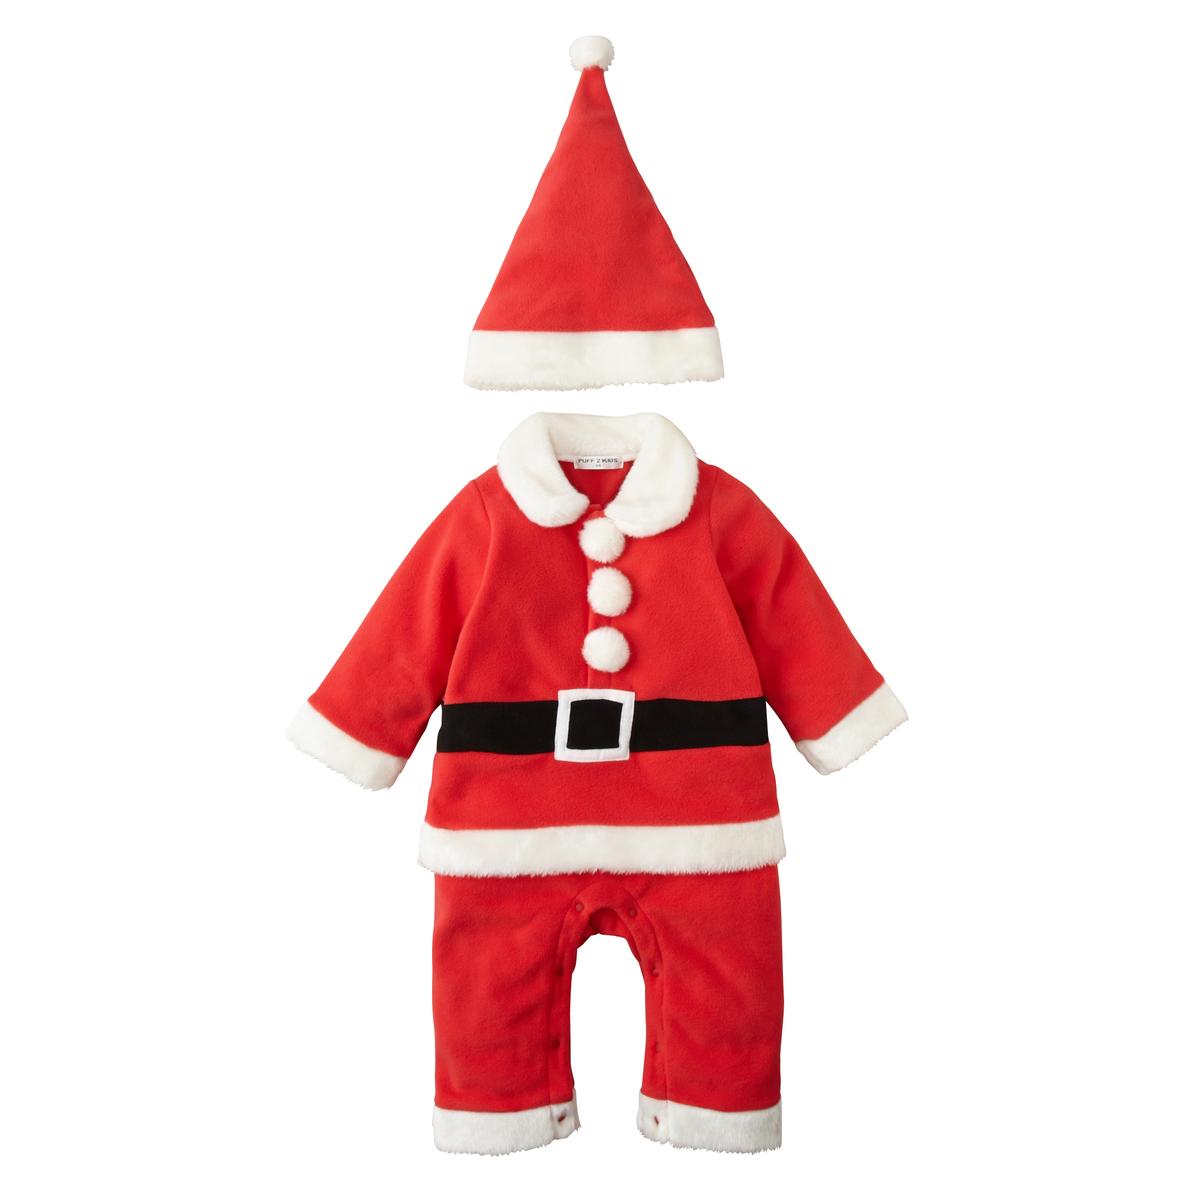 Nissen官网童装2016冬款男宝宝珊瑚绒附帽圣诞连体衣圣诞服现货